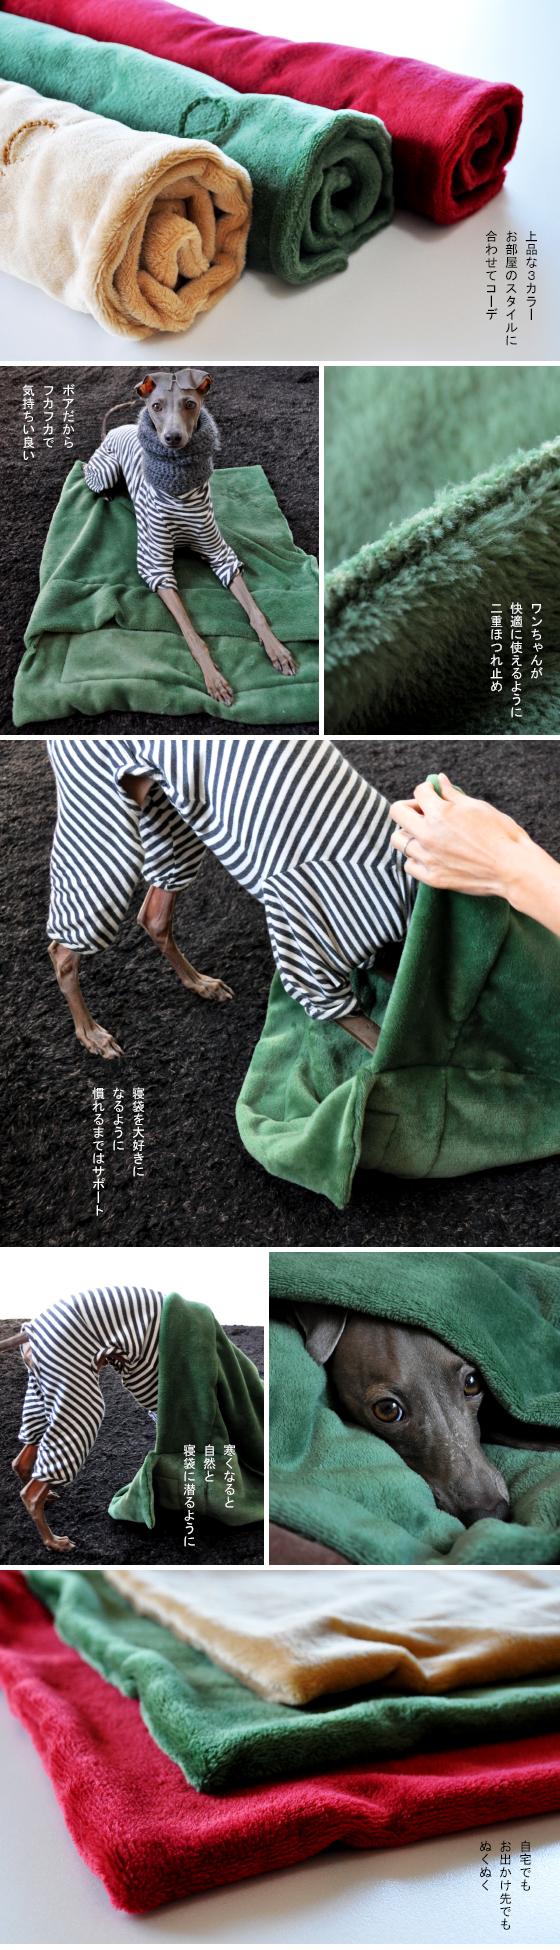 「犬寝袋」肌触りが気持ちいい上品な寝袋の販売を開始ました|フランネルマイヤーボア生地|選べる3カラー